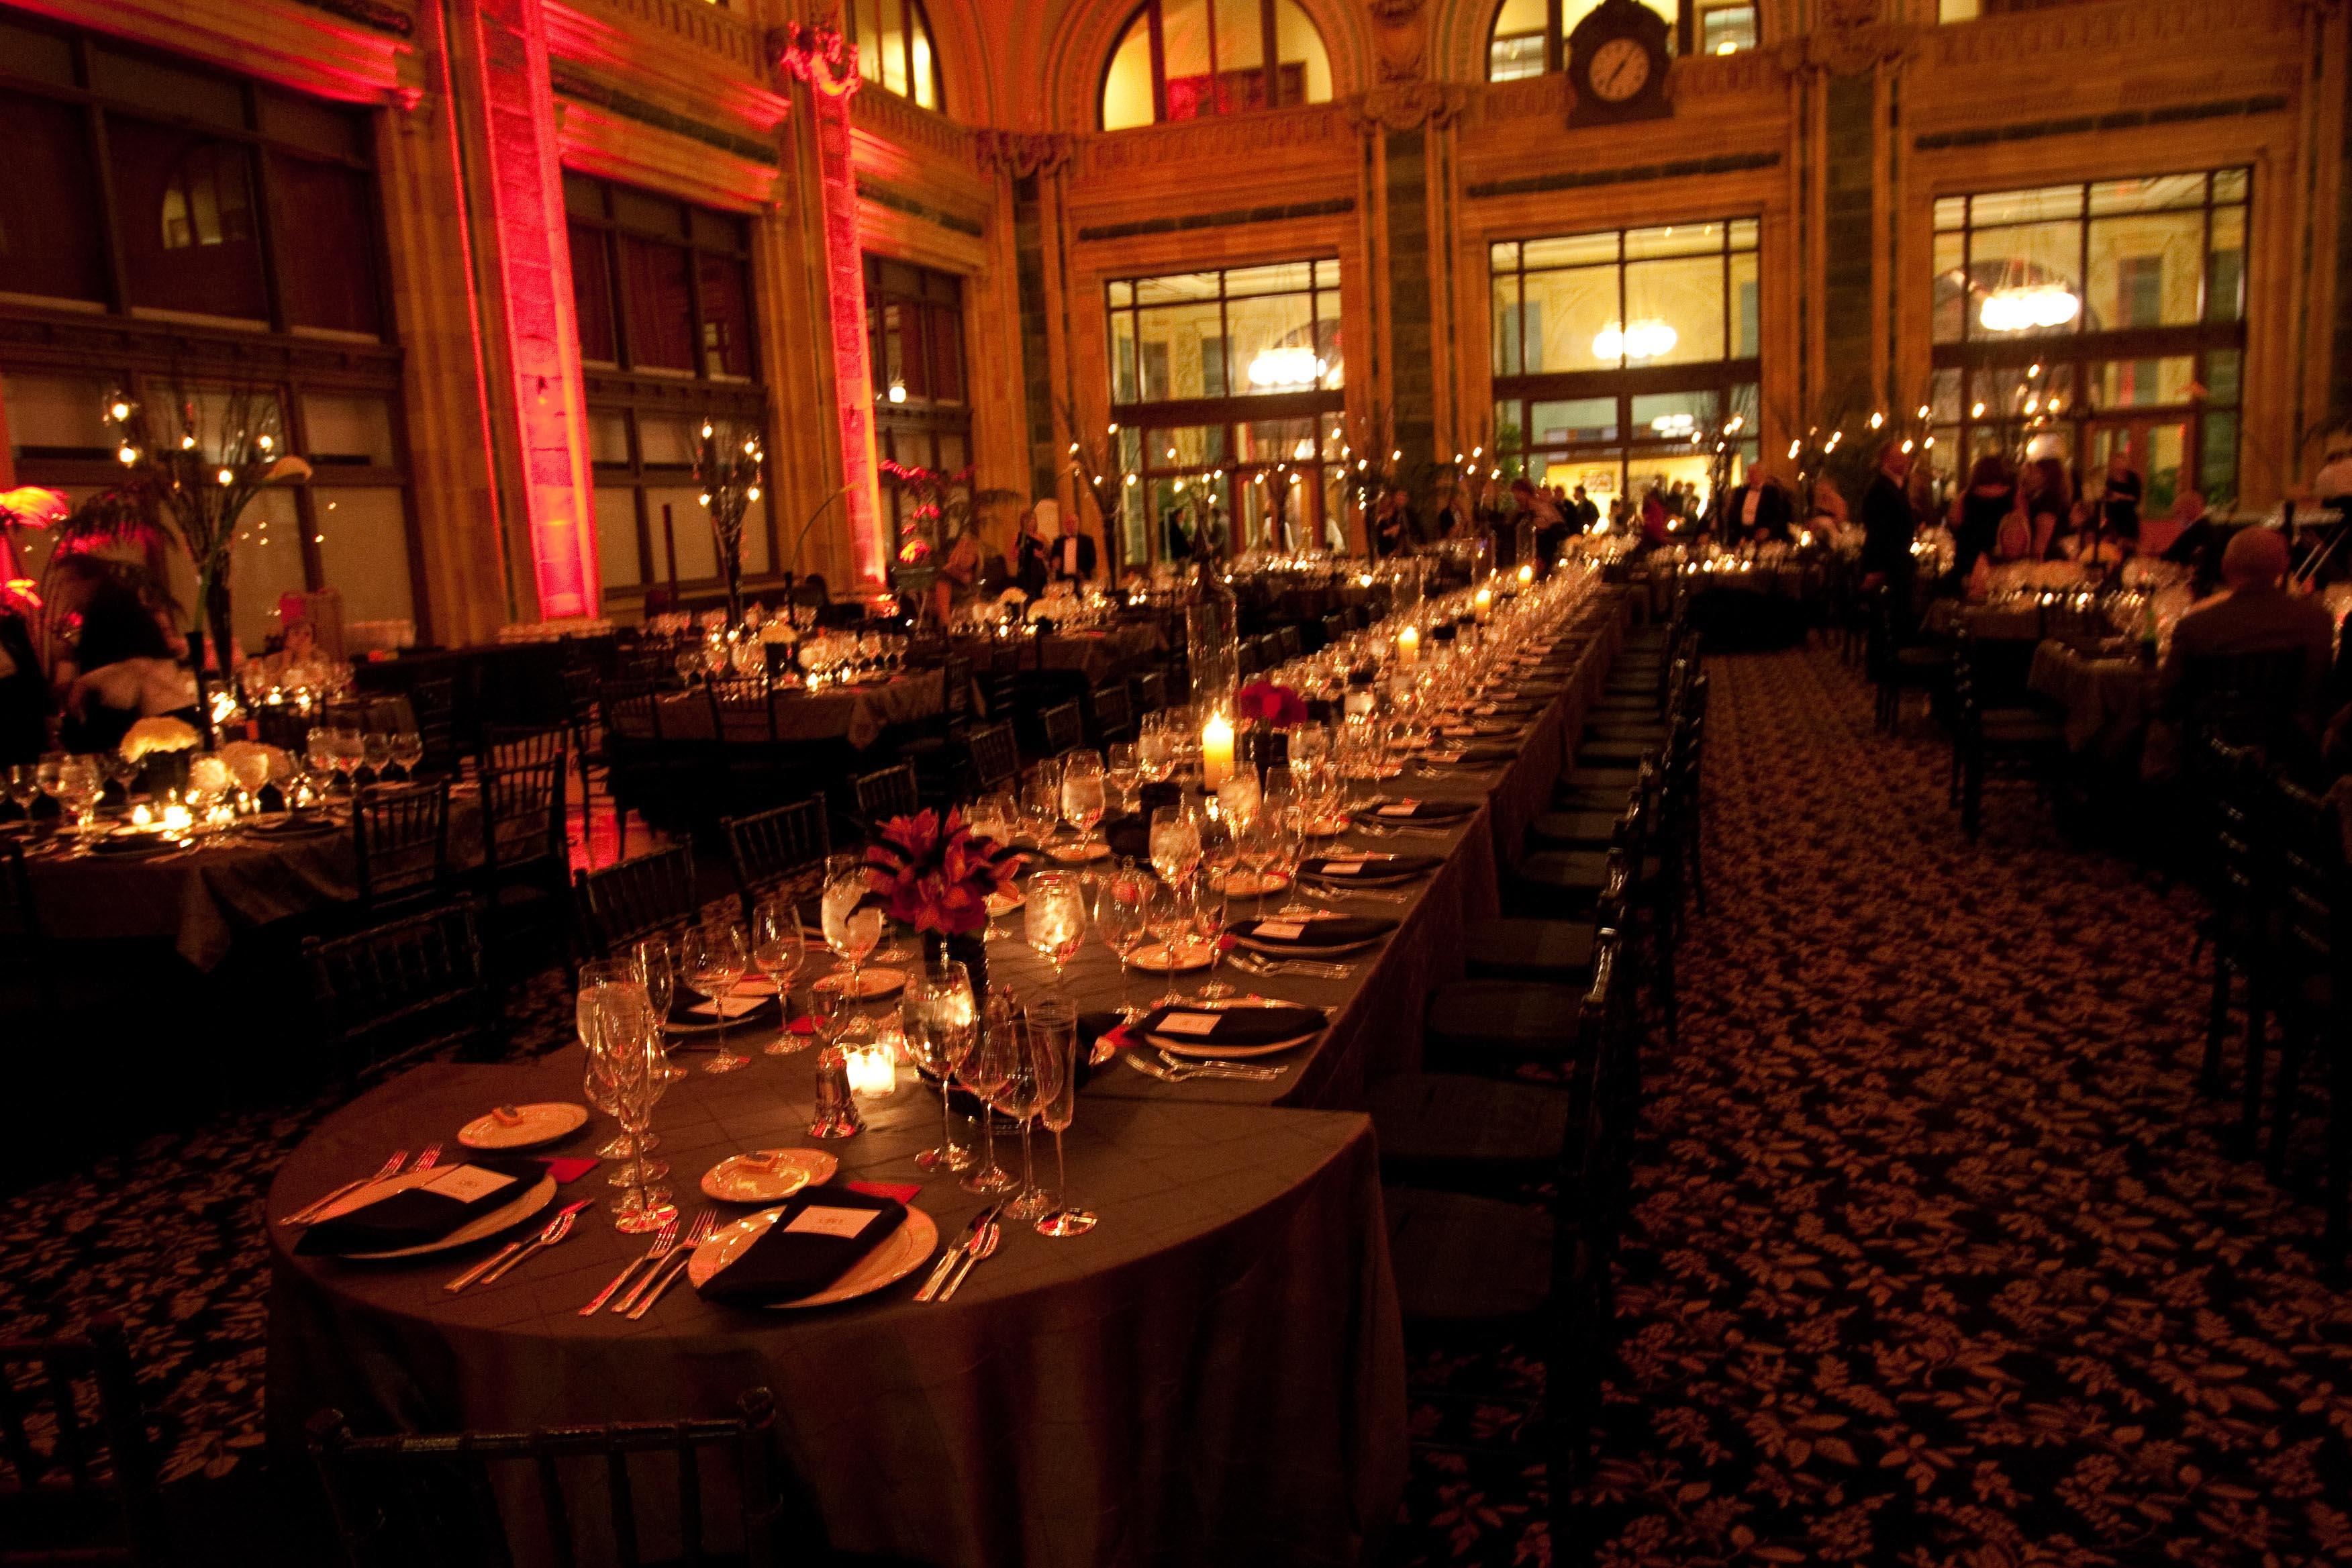 Weddings-Pennsylvanian-Laura & Kurt-Romantic_Low Res-8